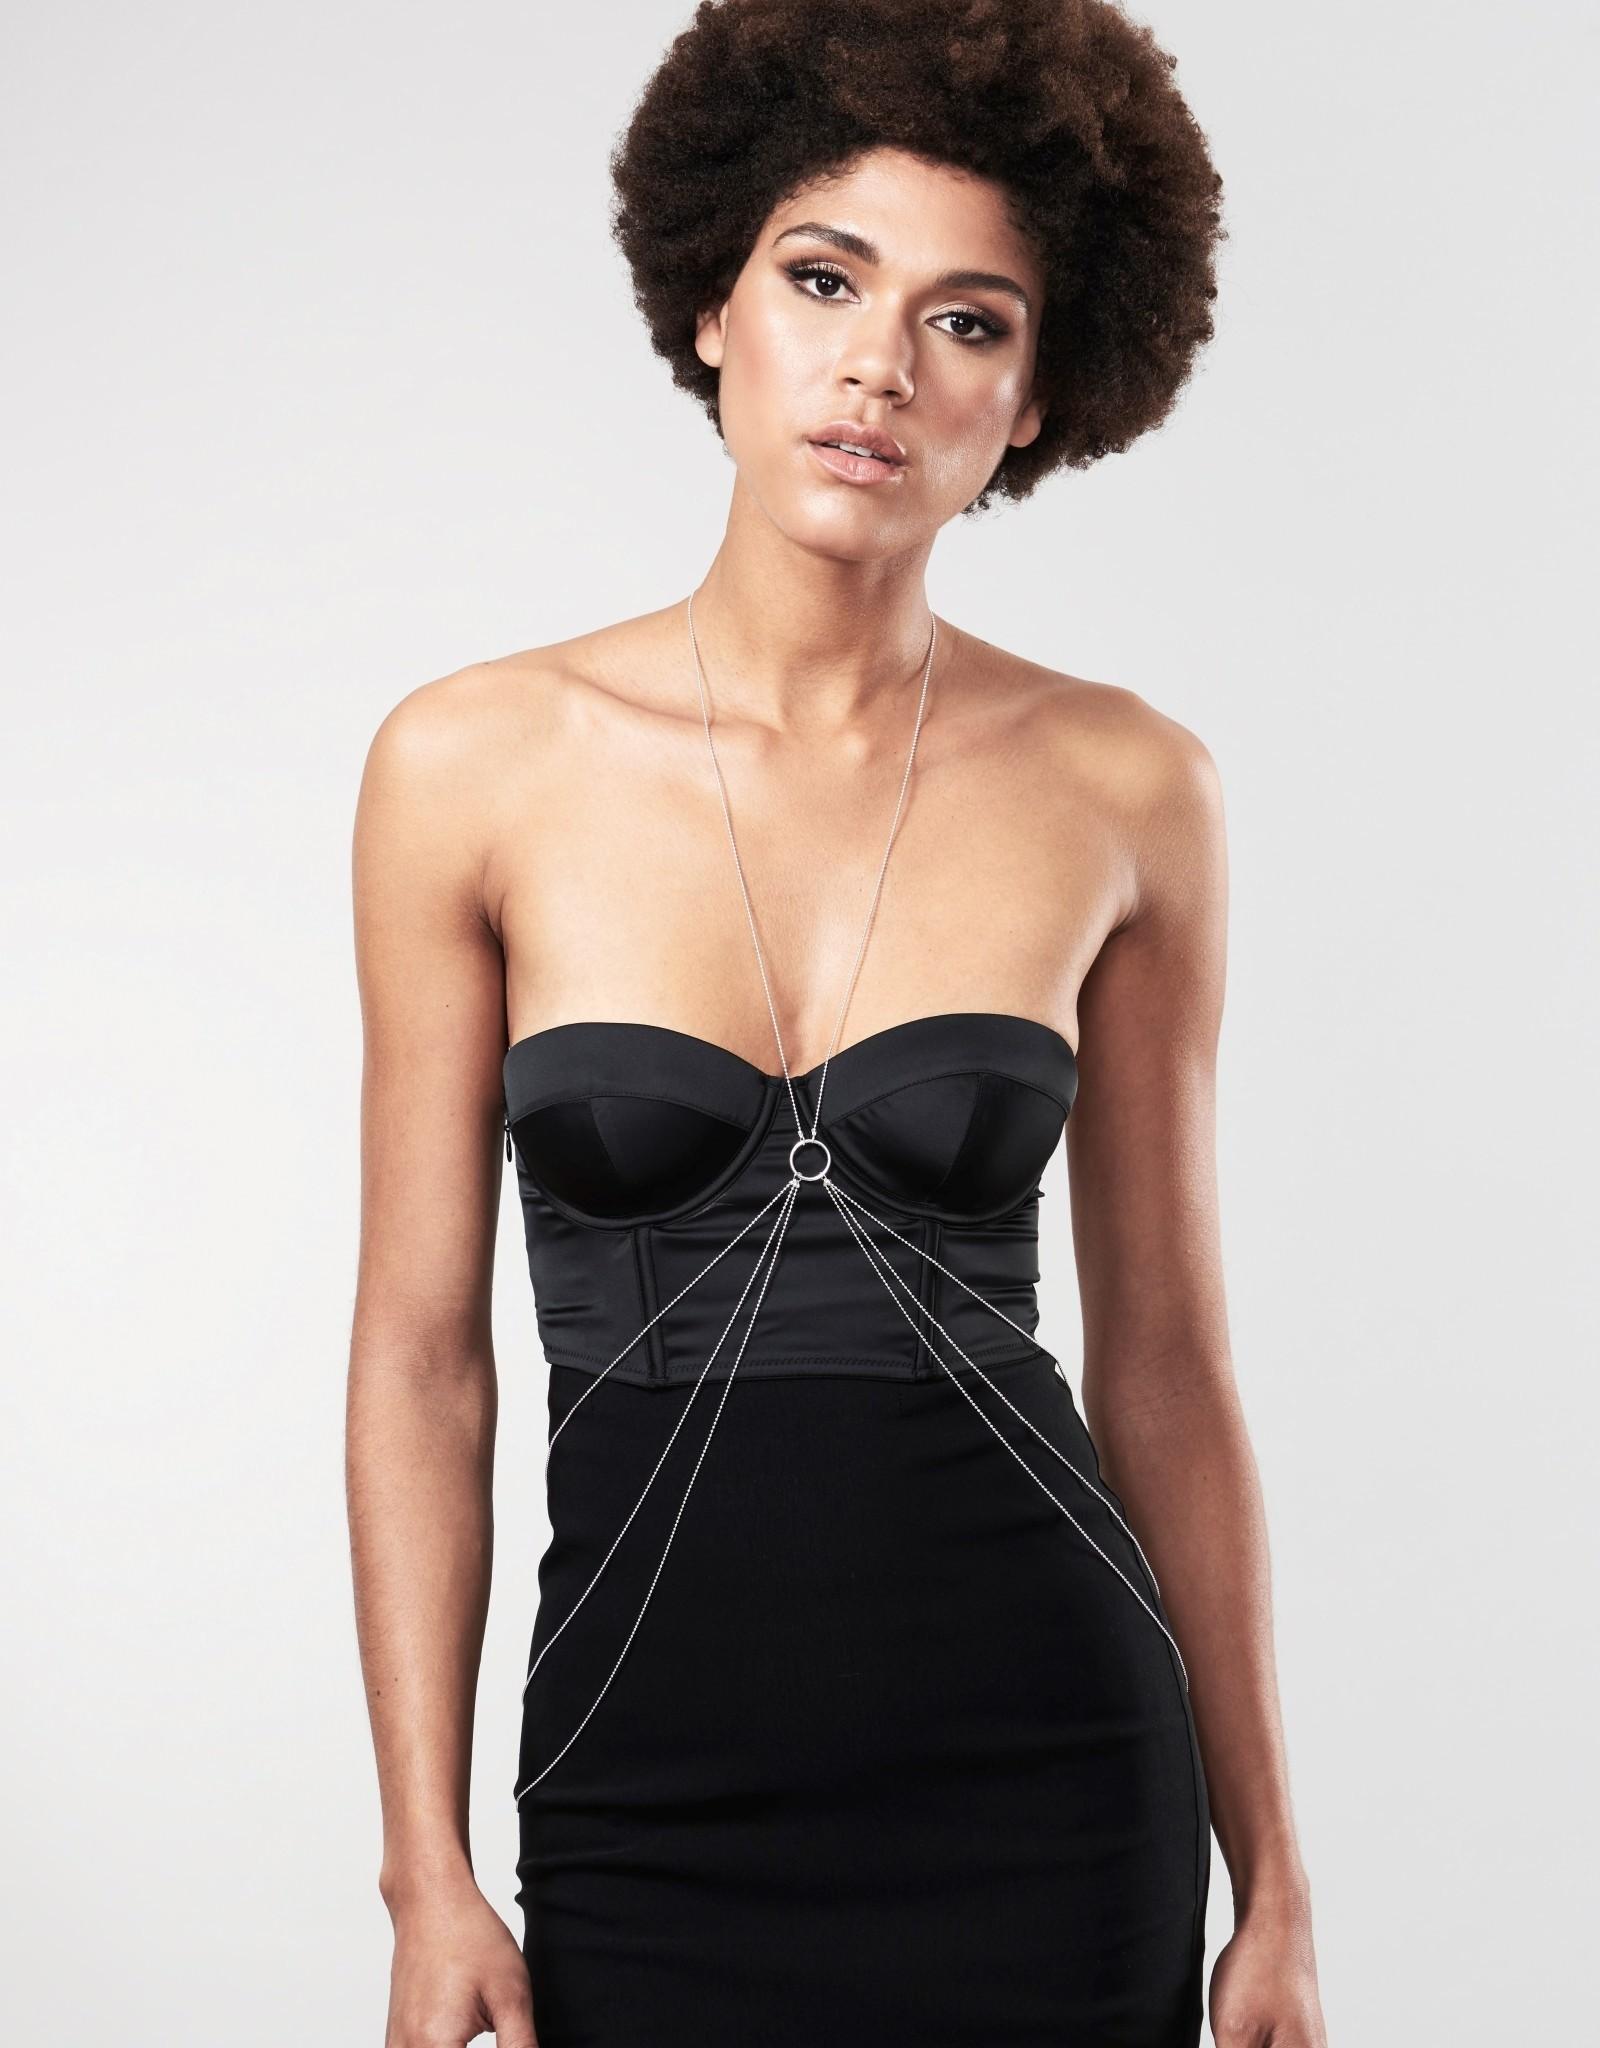 Bijoux Indiscrets Magnifique - 8 Body Chain